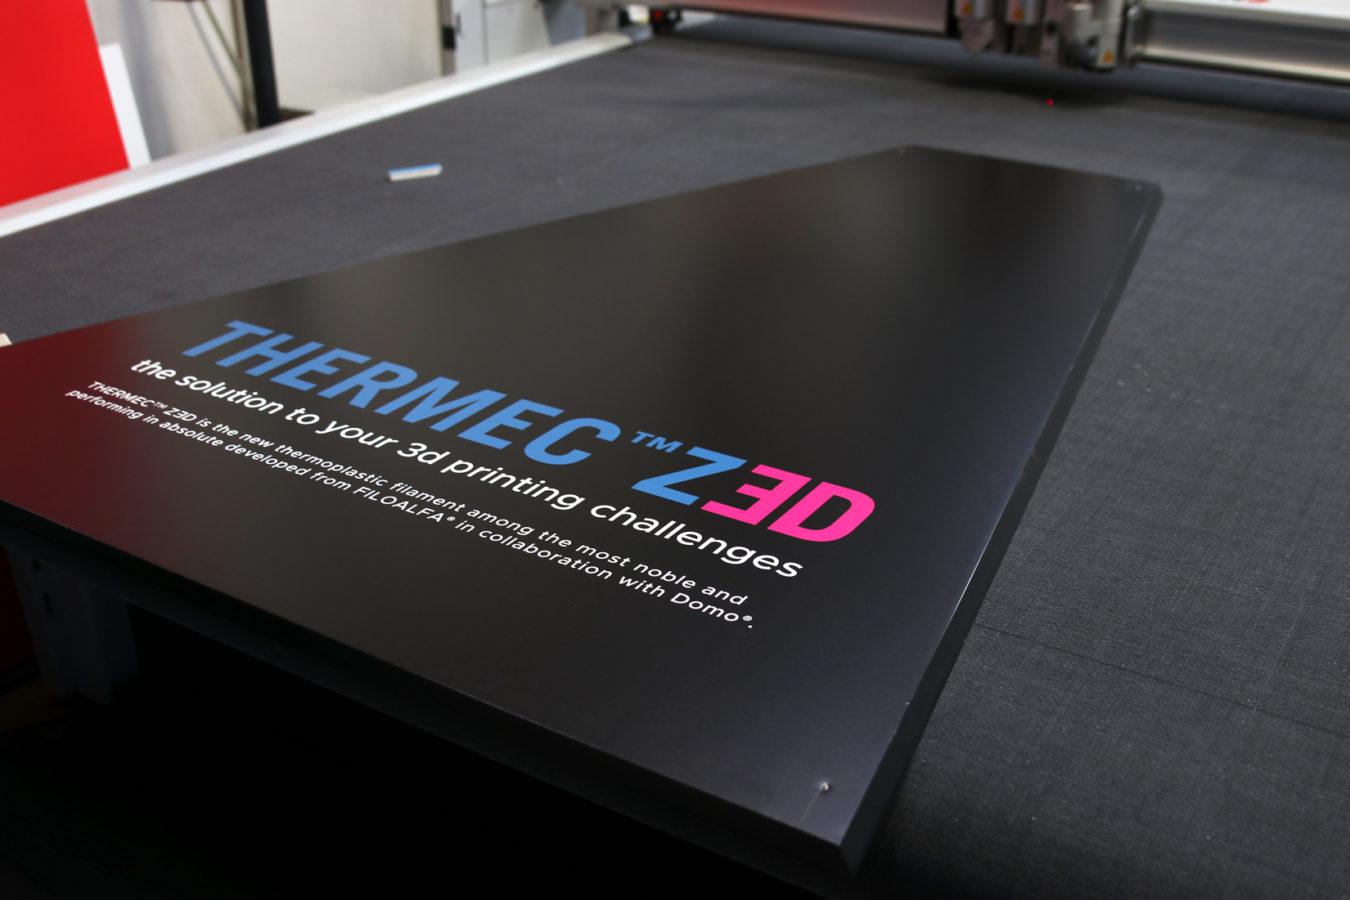 Brignetti Longoni Design Studio - FILOALFA at MECSPE - Stand, allestimento, fiera, mecspe, seaf, manifatture, 4.0, filamenti, stampa 3d, materiale, FILOALFA®, Domo Chemicals, plastica, comunicazione, moto, carena, Italian Volt, Wasp Project, digitale, monitor, brand.